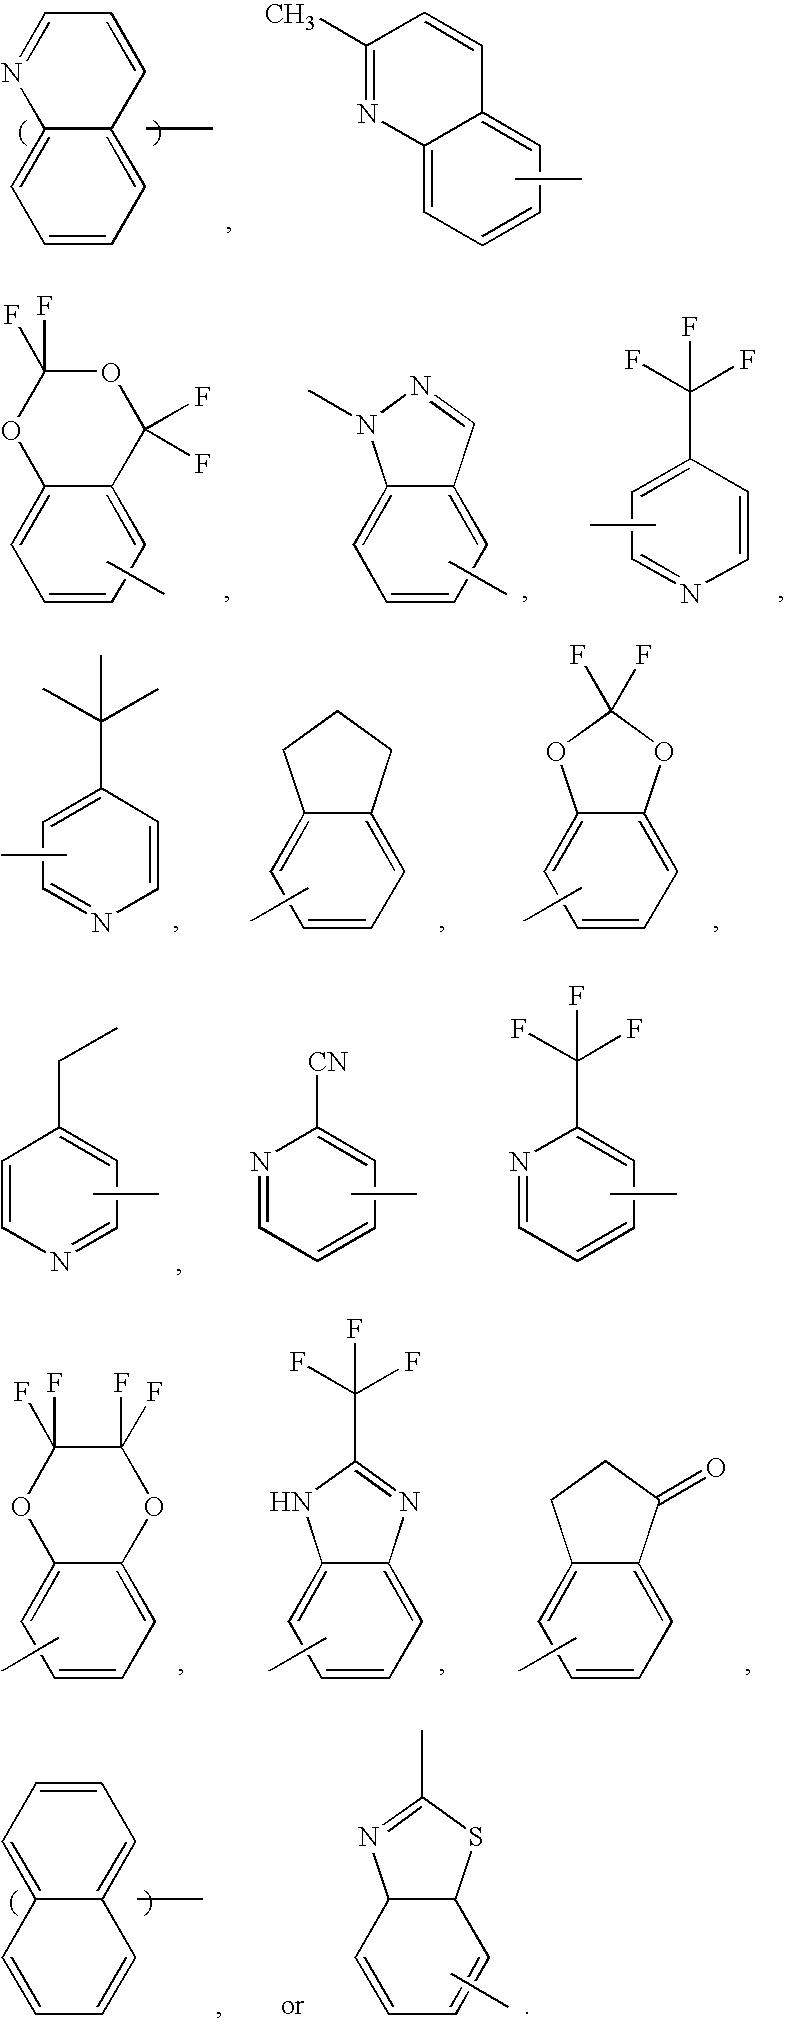 Figure US07557129-20090707-C00008